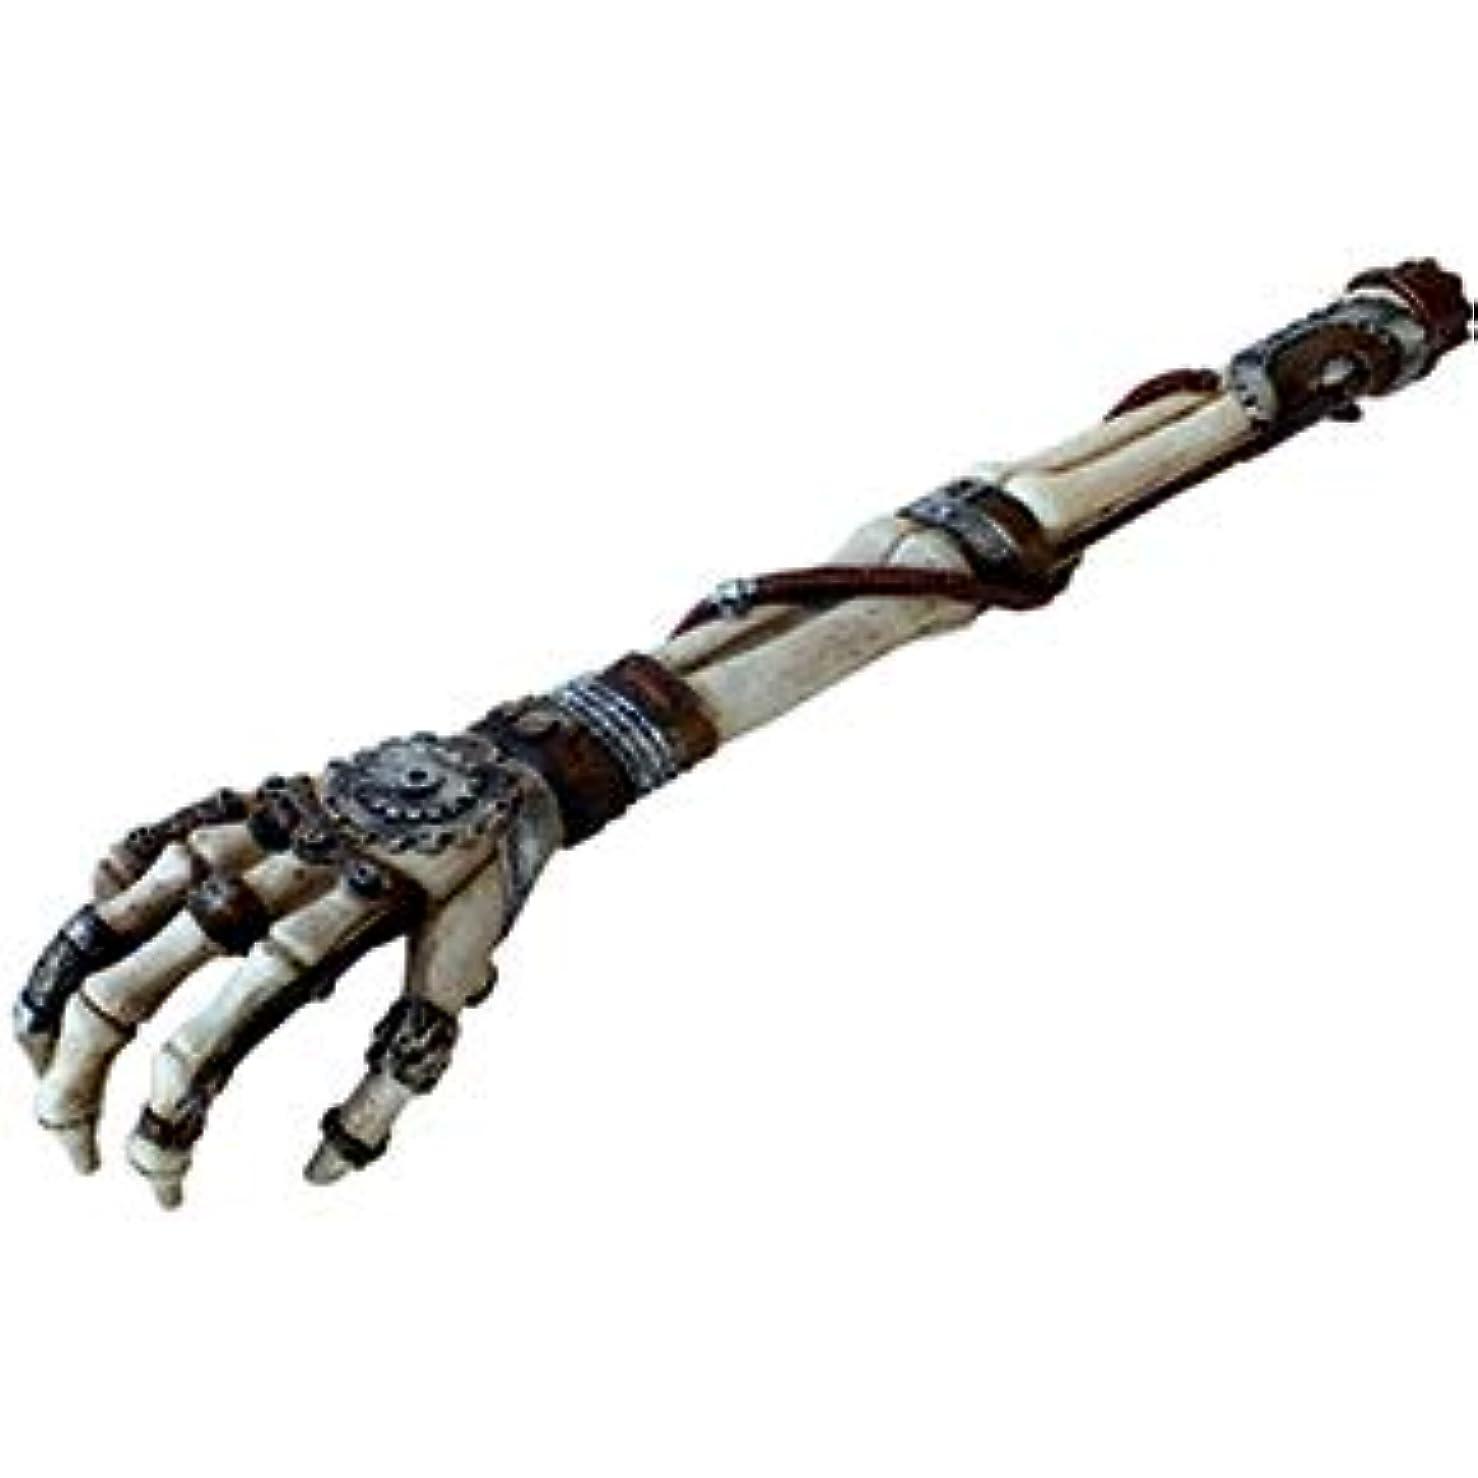 ふつう有名人紳士スチームパンクスケルトンアーム バックスクラッチャー(孫の手) Steampunk Skeleton arm back scratcher